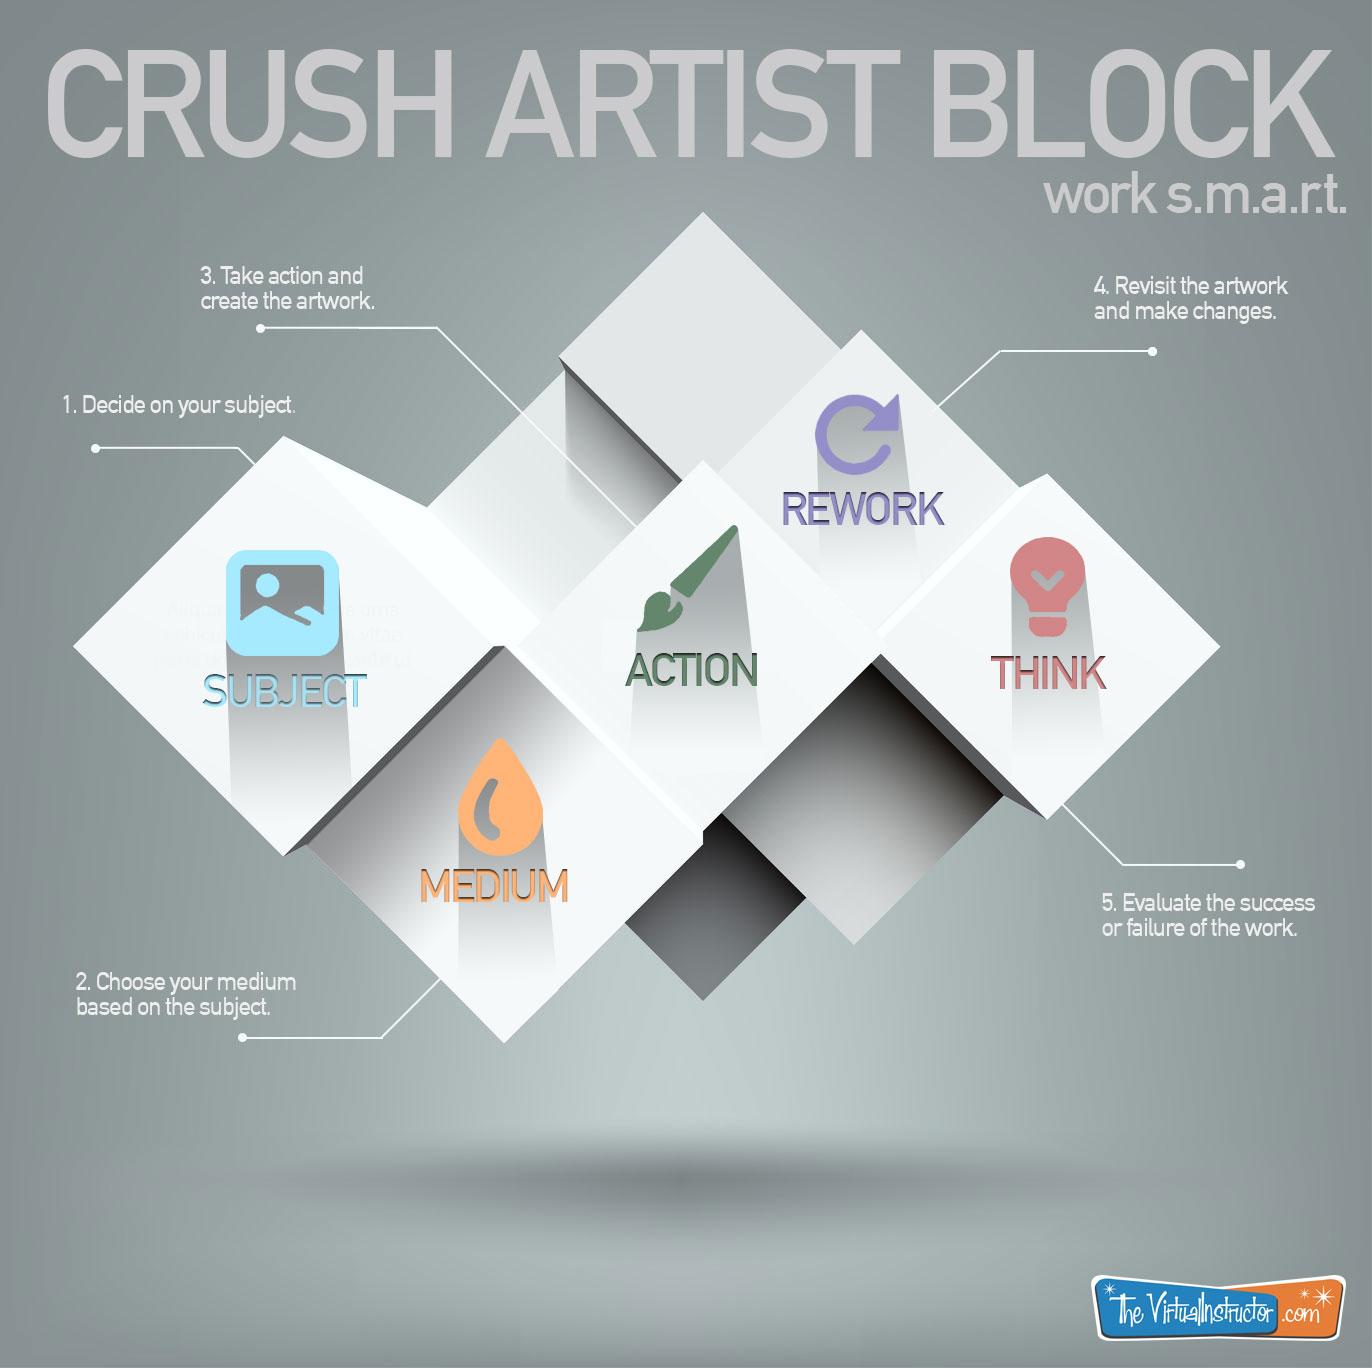 crushartistblockinfographic